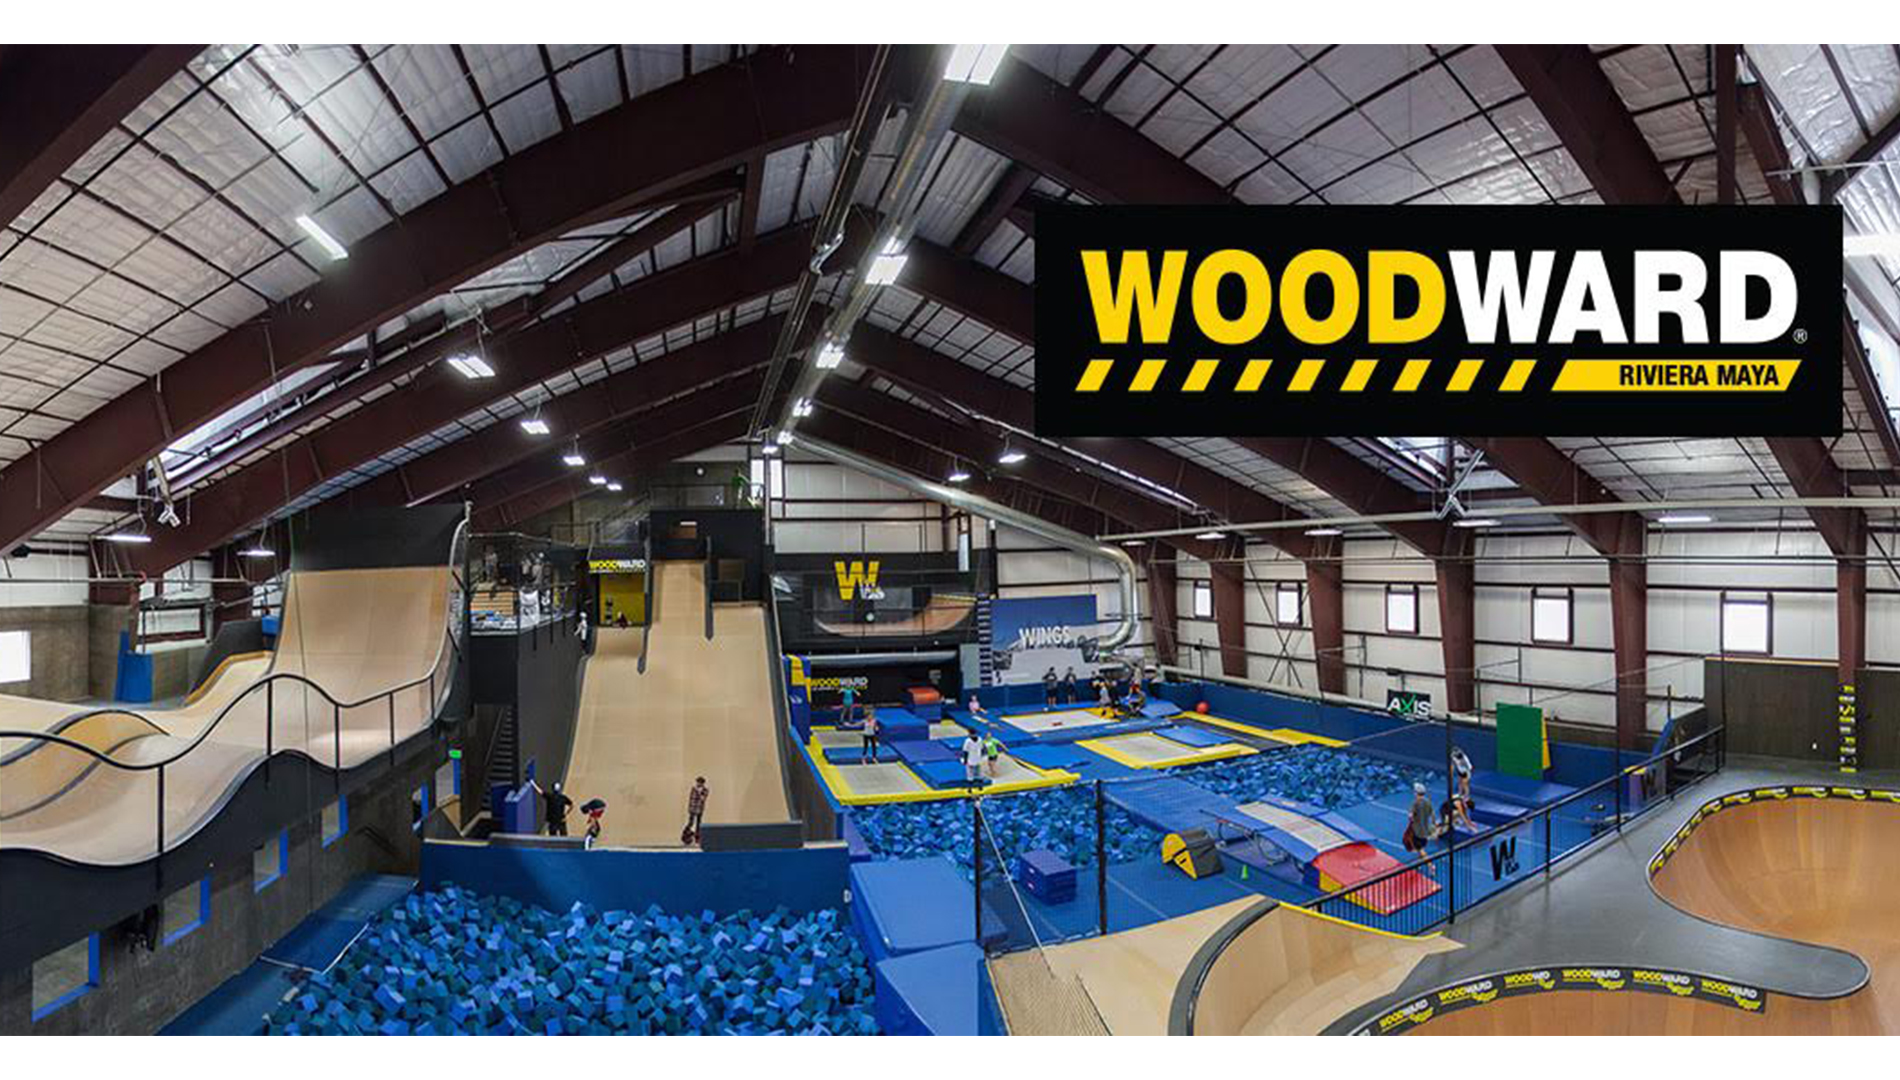 Woodward Camp